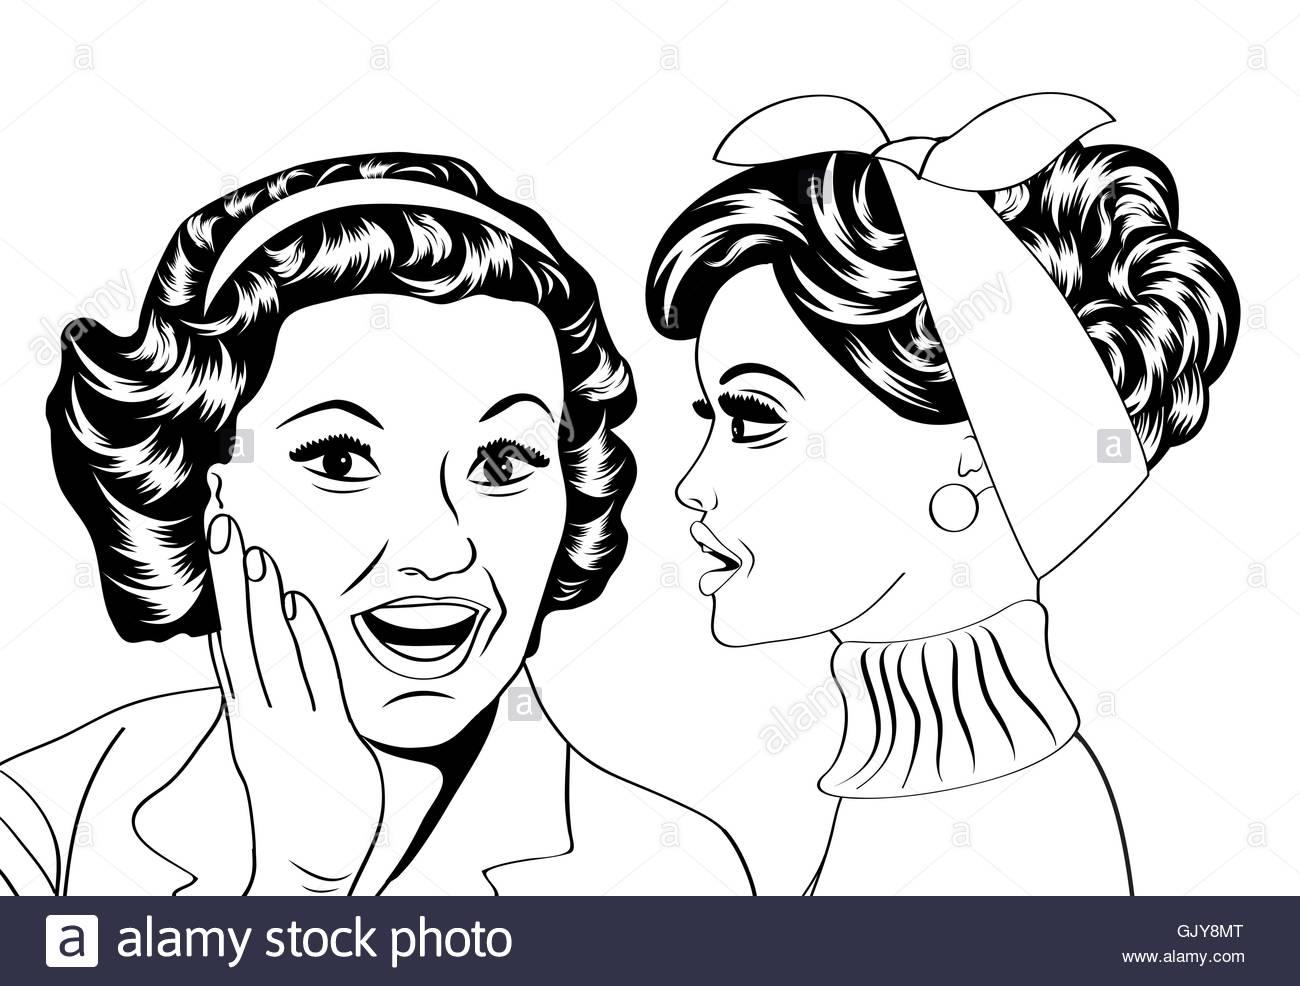 1300x986 Pop Art Retro Women In Comics Style That Gossip Stock Vector Art